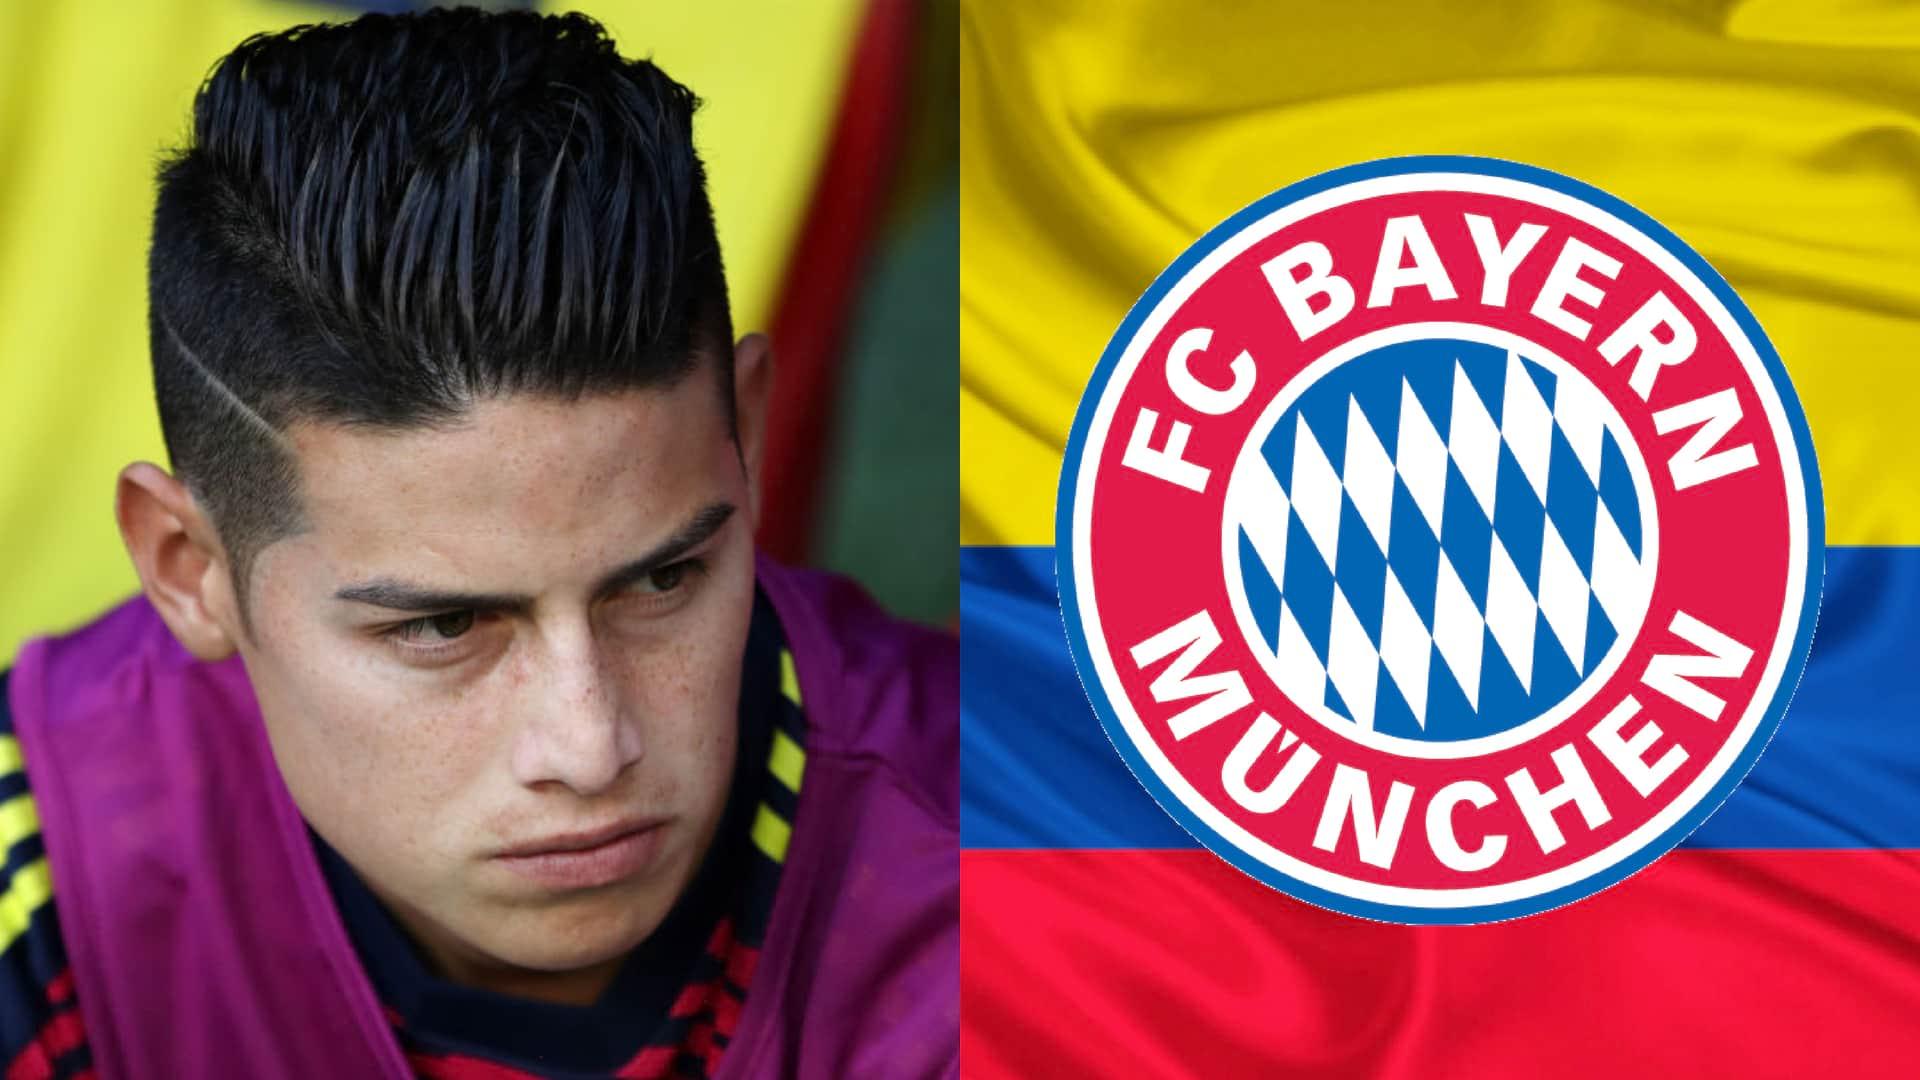 Mensaje de apoyo de Bayern München a James Rodríguez por la derrota contra Japón